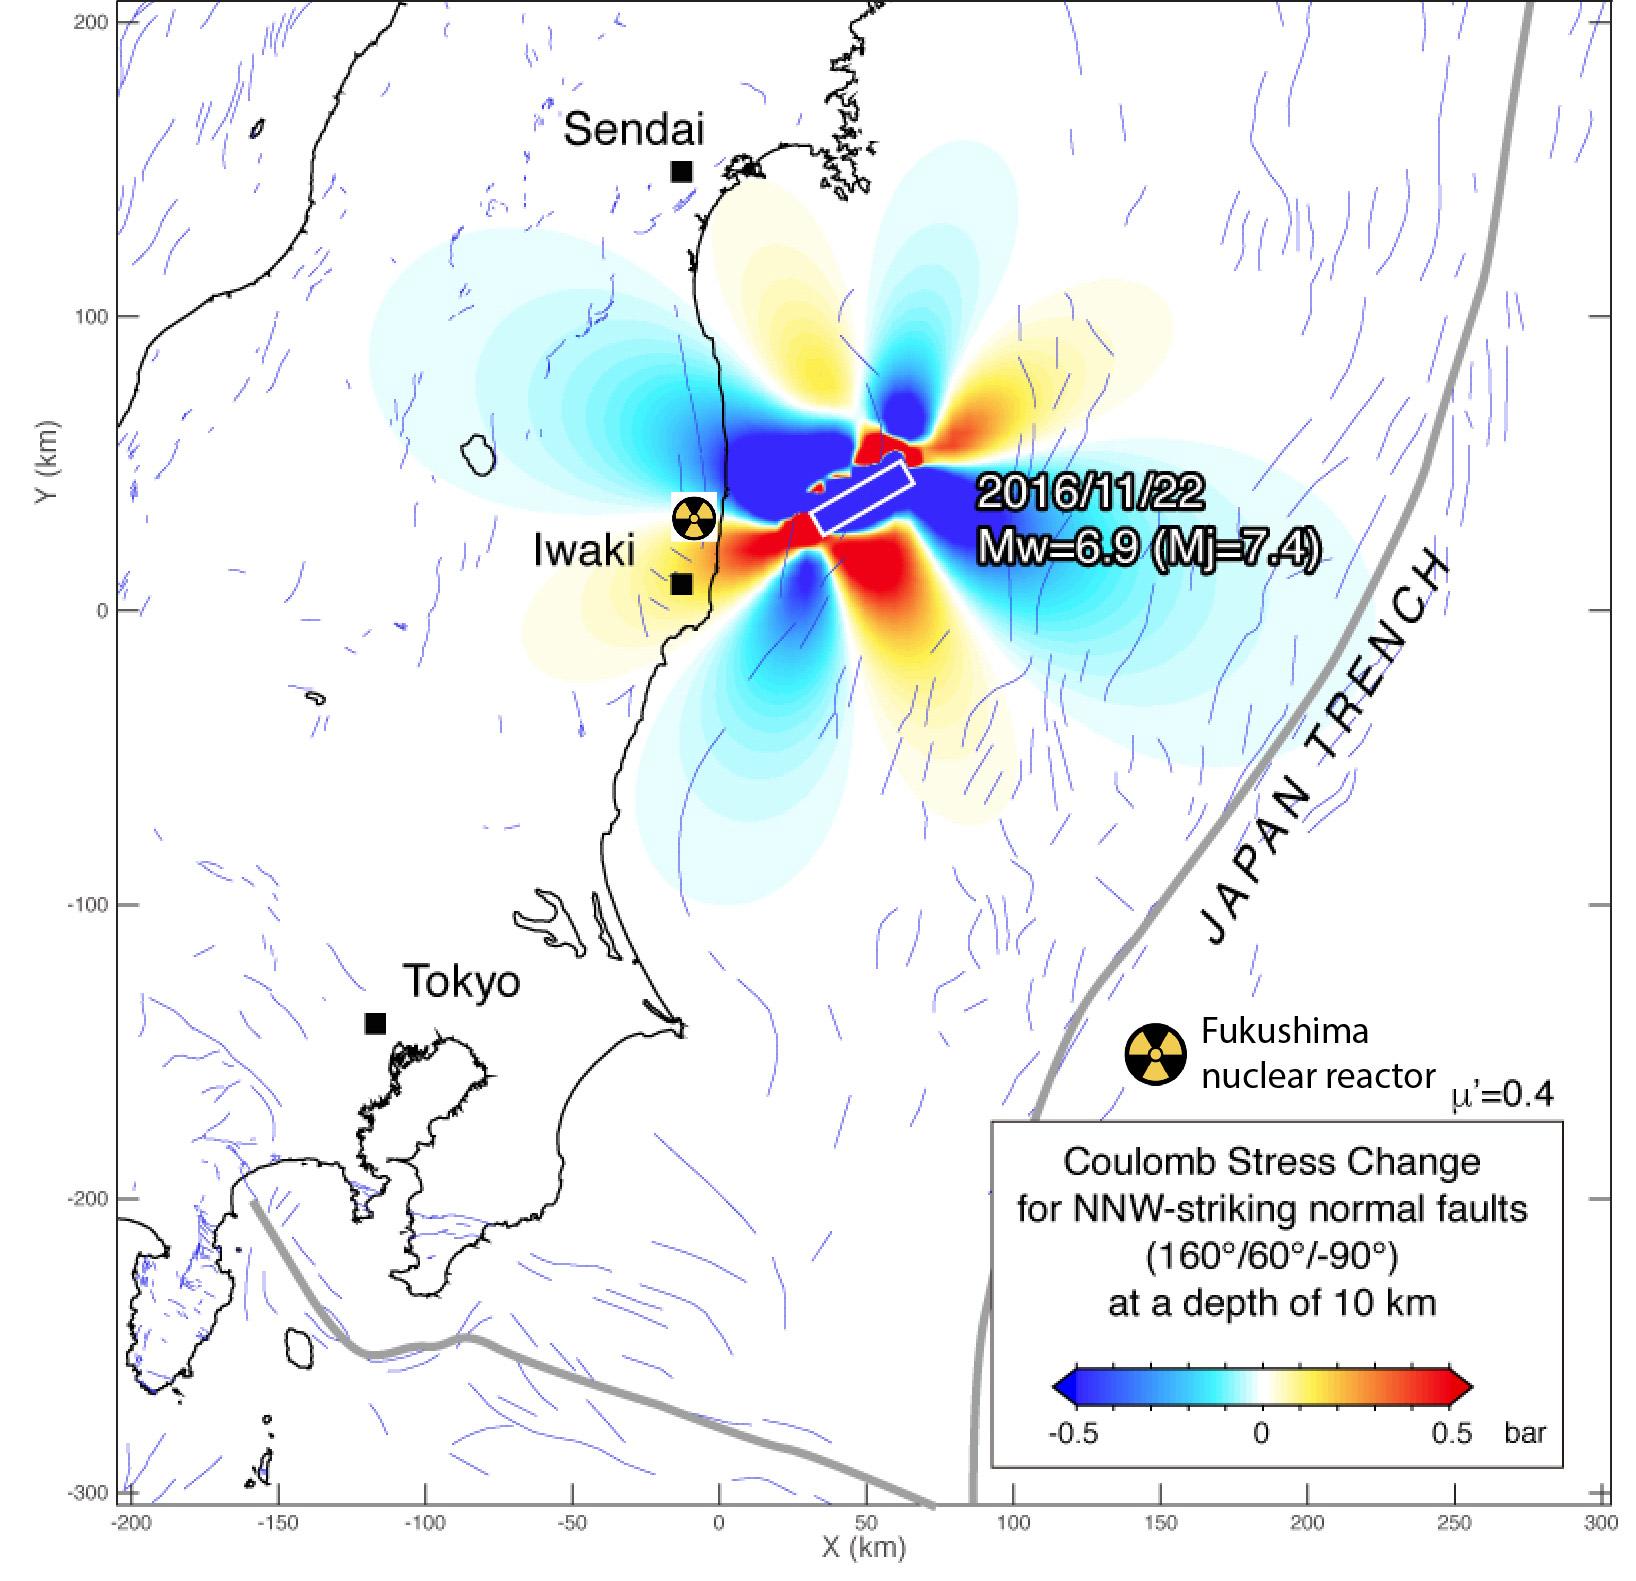 Japanearthquakemapcoulombanalysisfukushima Temblornet - Japan map earthquake